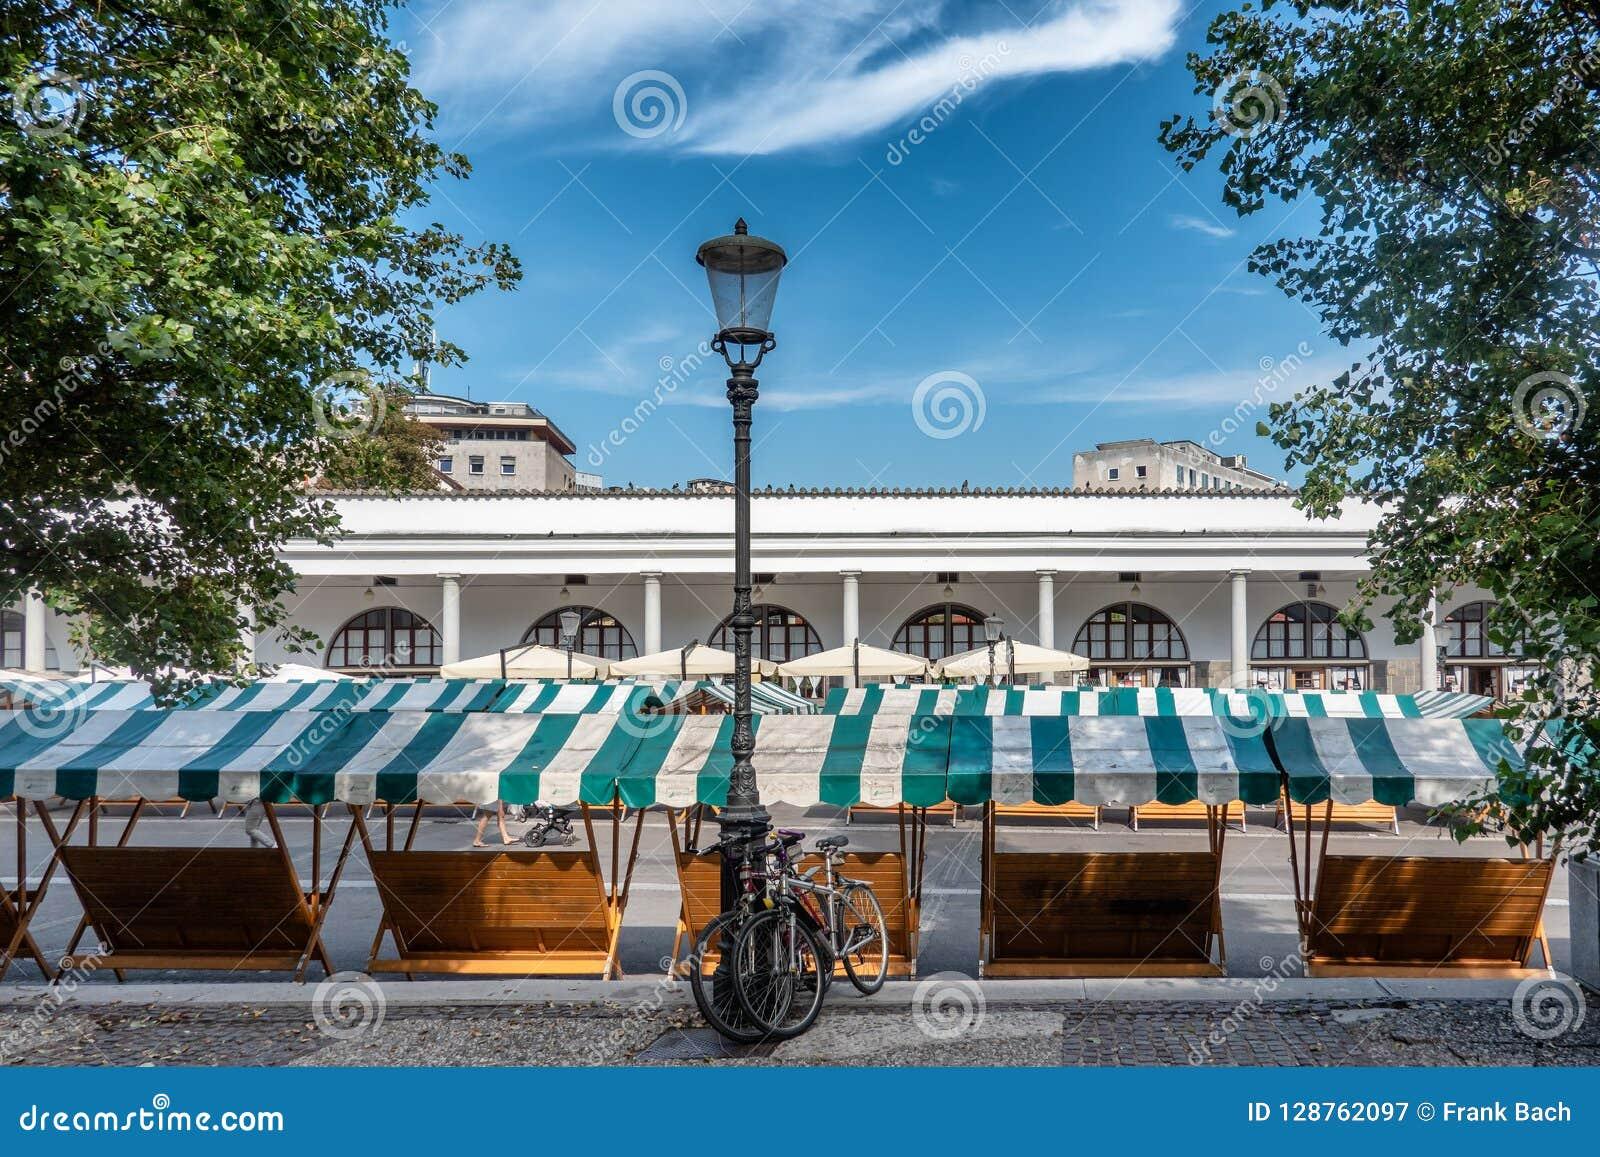 Stalla vacío en el mercado central de Ljubljana en Eslovenia